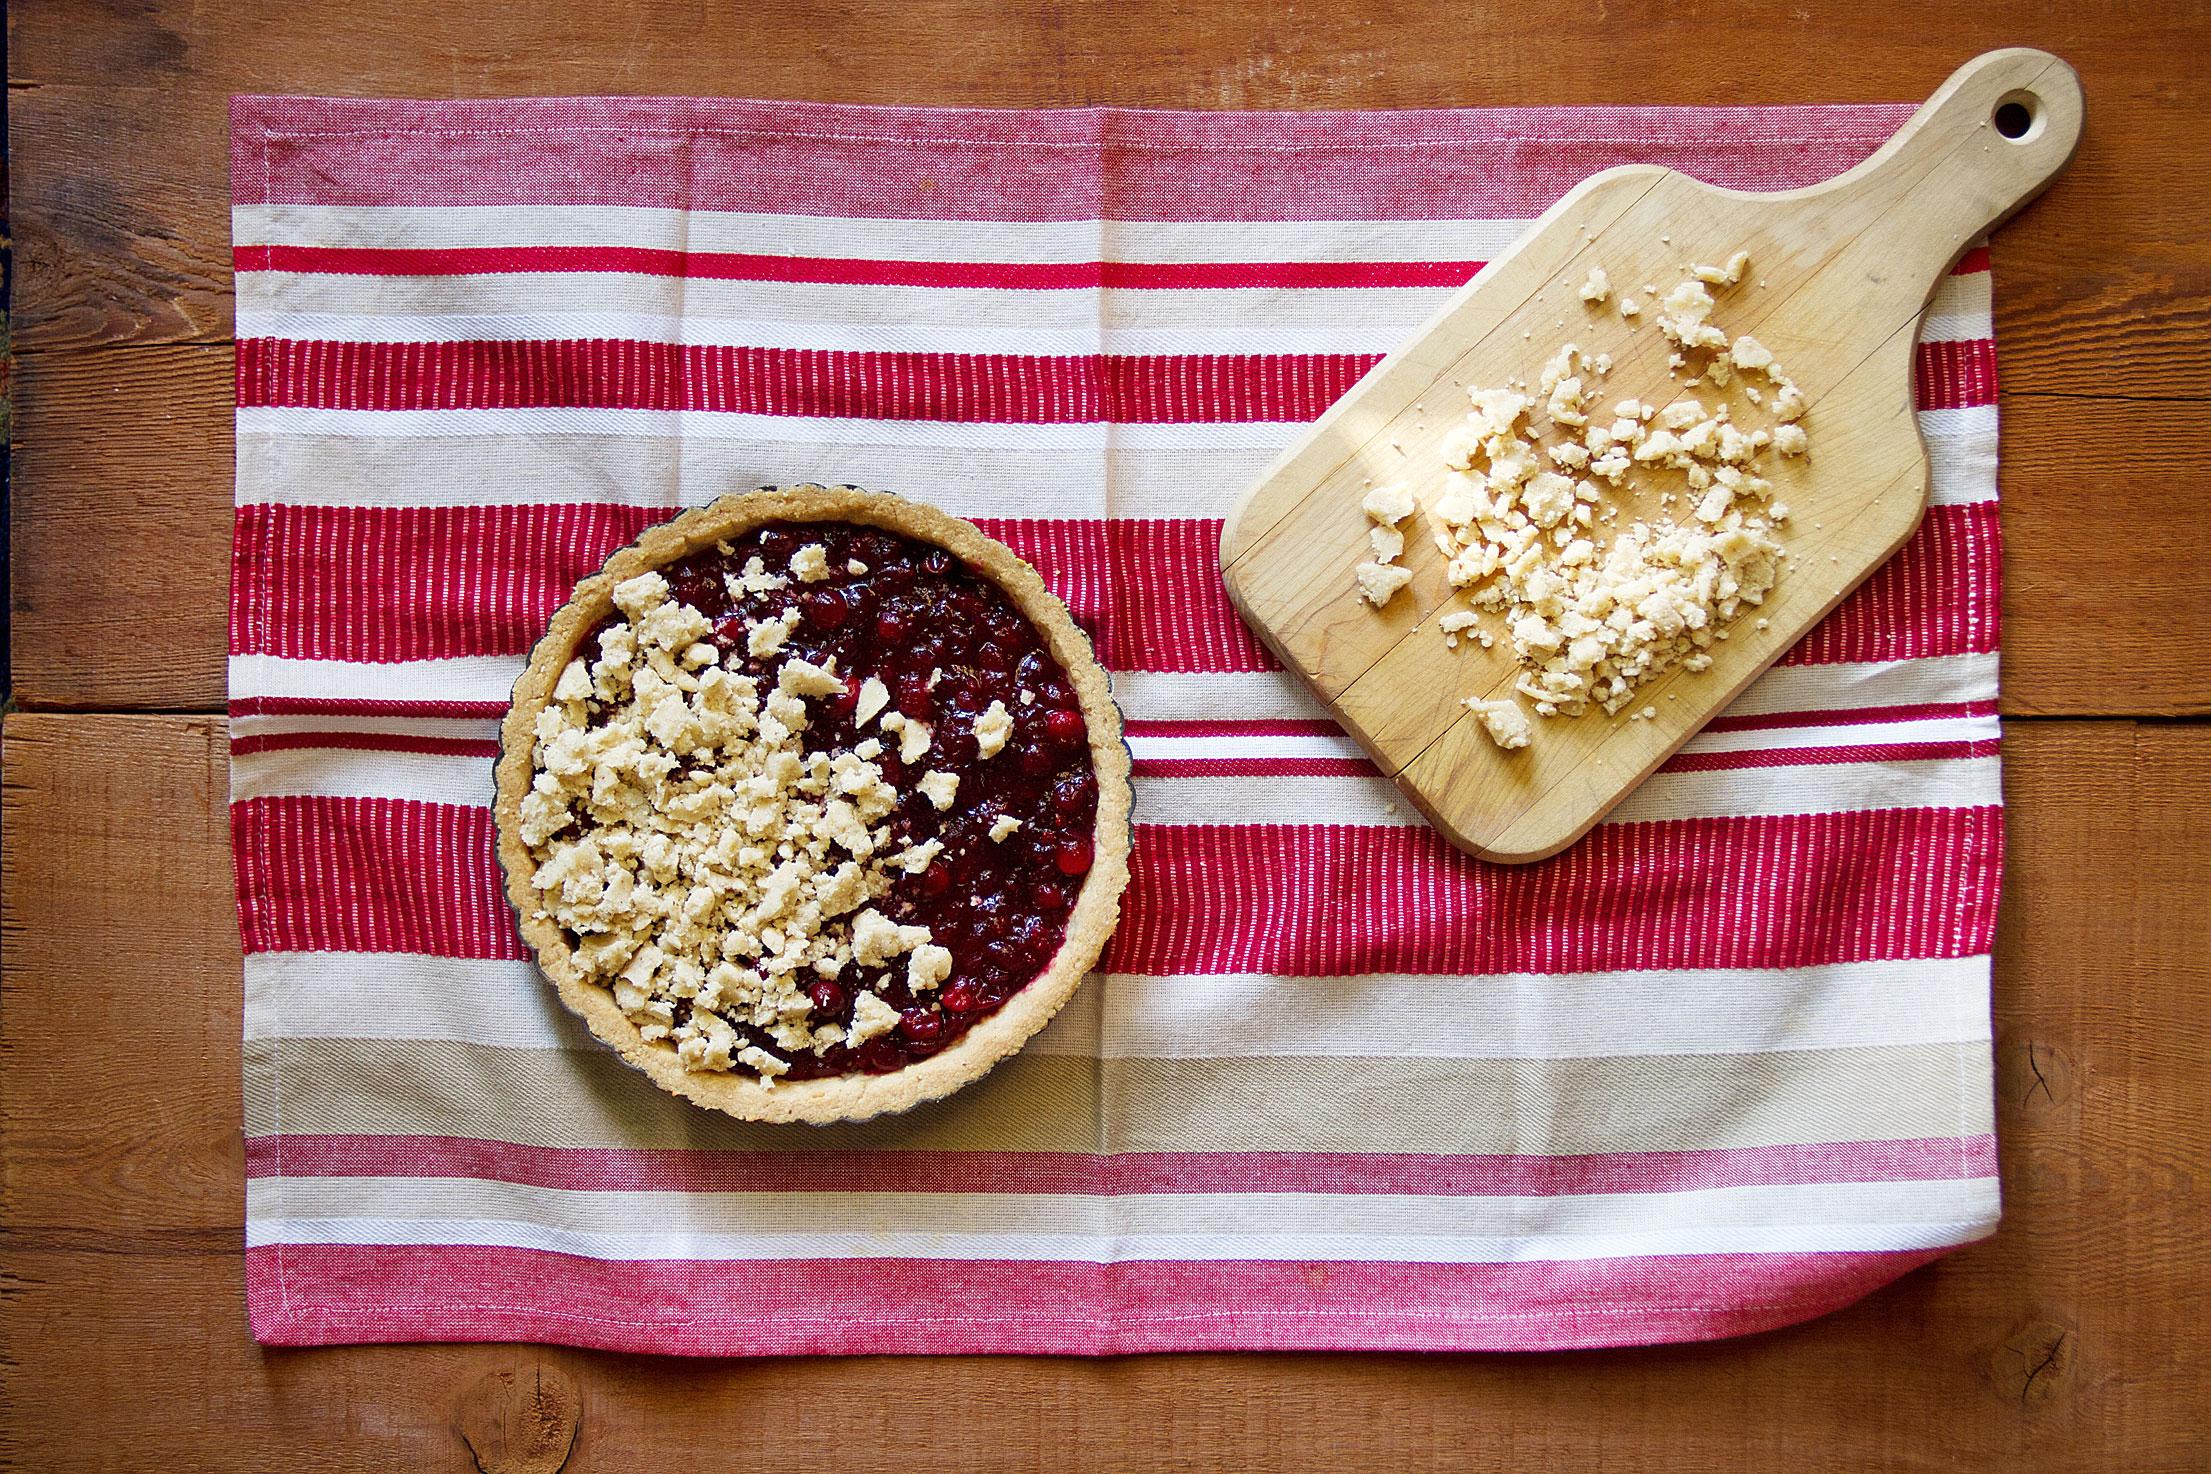 Cranberry Shortbread Tart